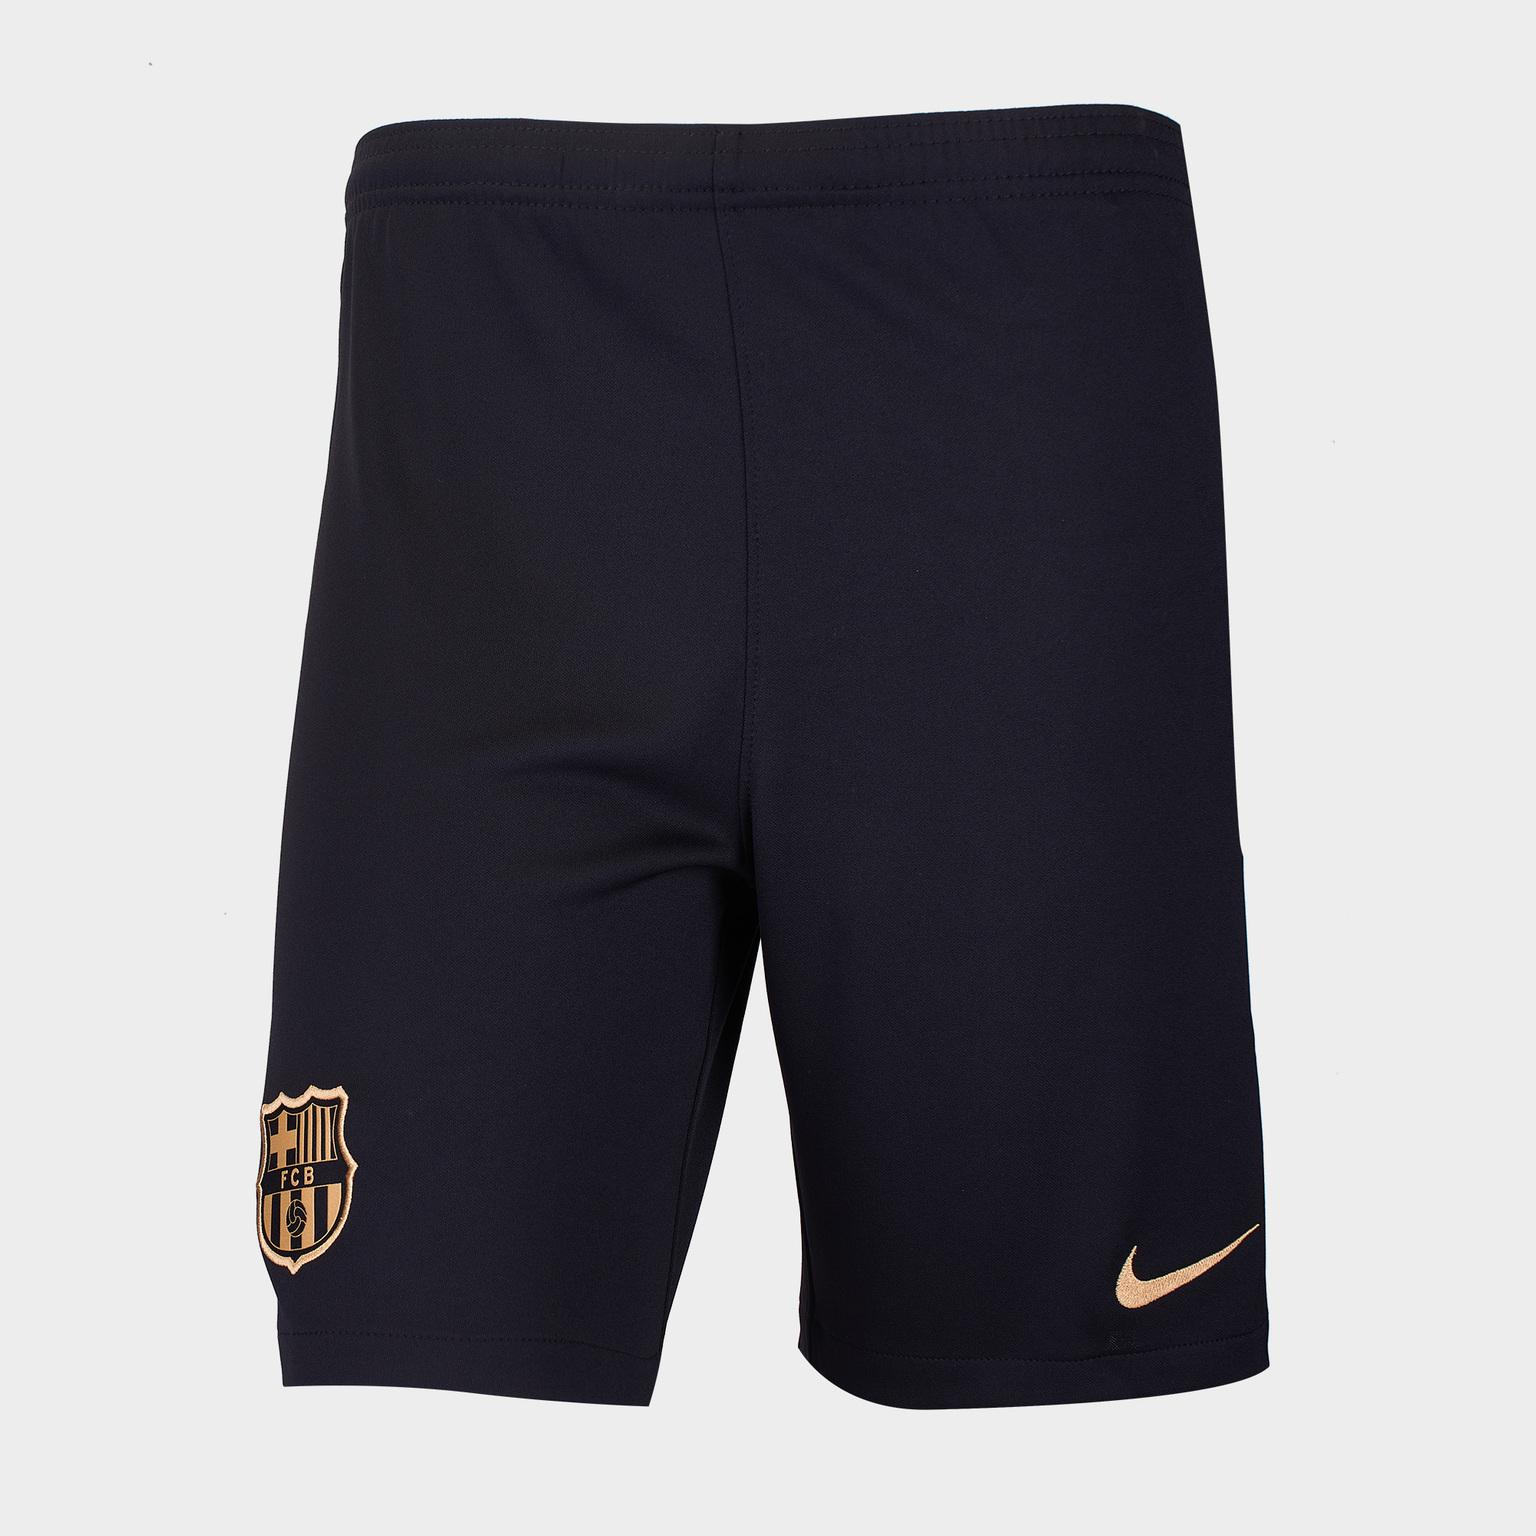 Шорты выездные подростковые Nike Barcelona сезон 2020/21 шорты вратарские nike подростковые сезона 2017 2018 nike цвет зеленый